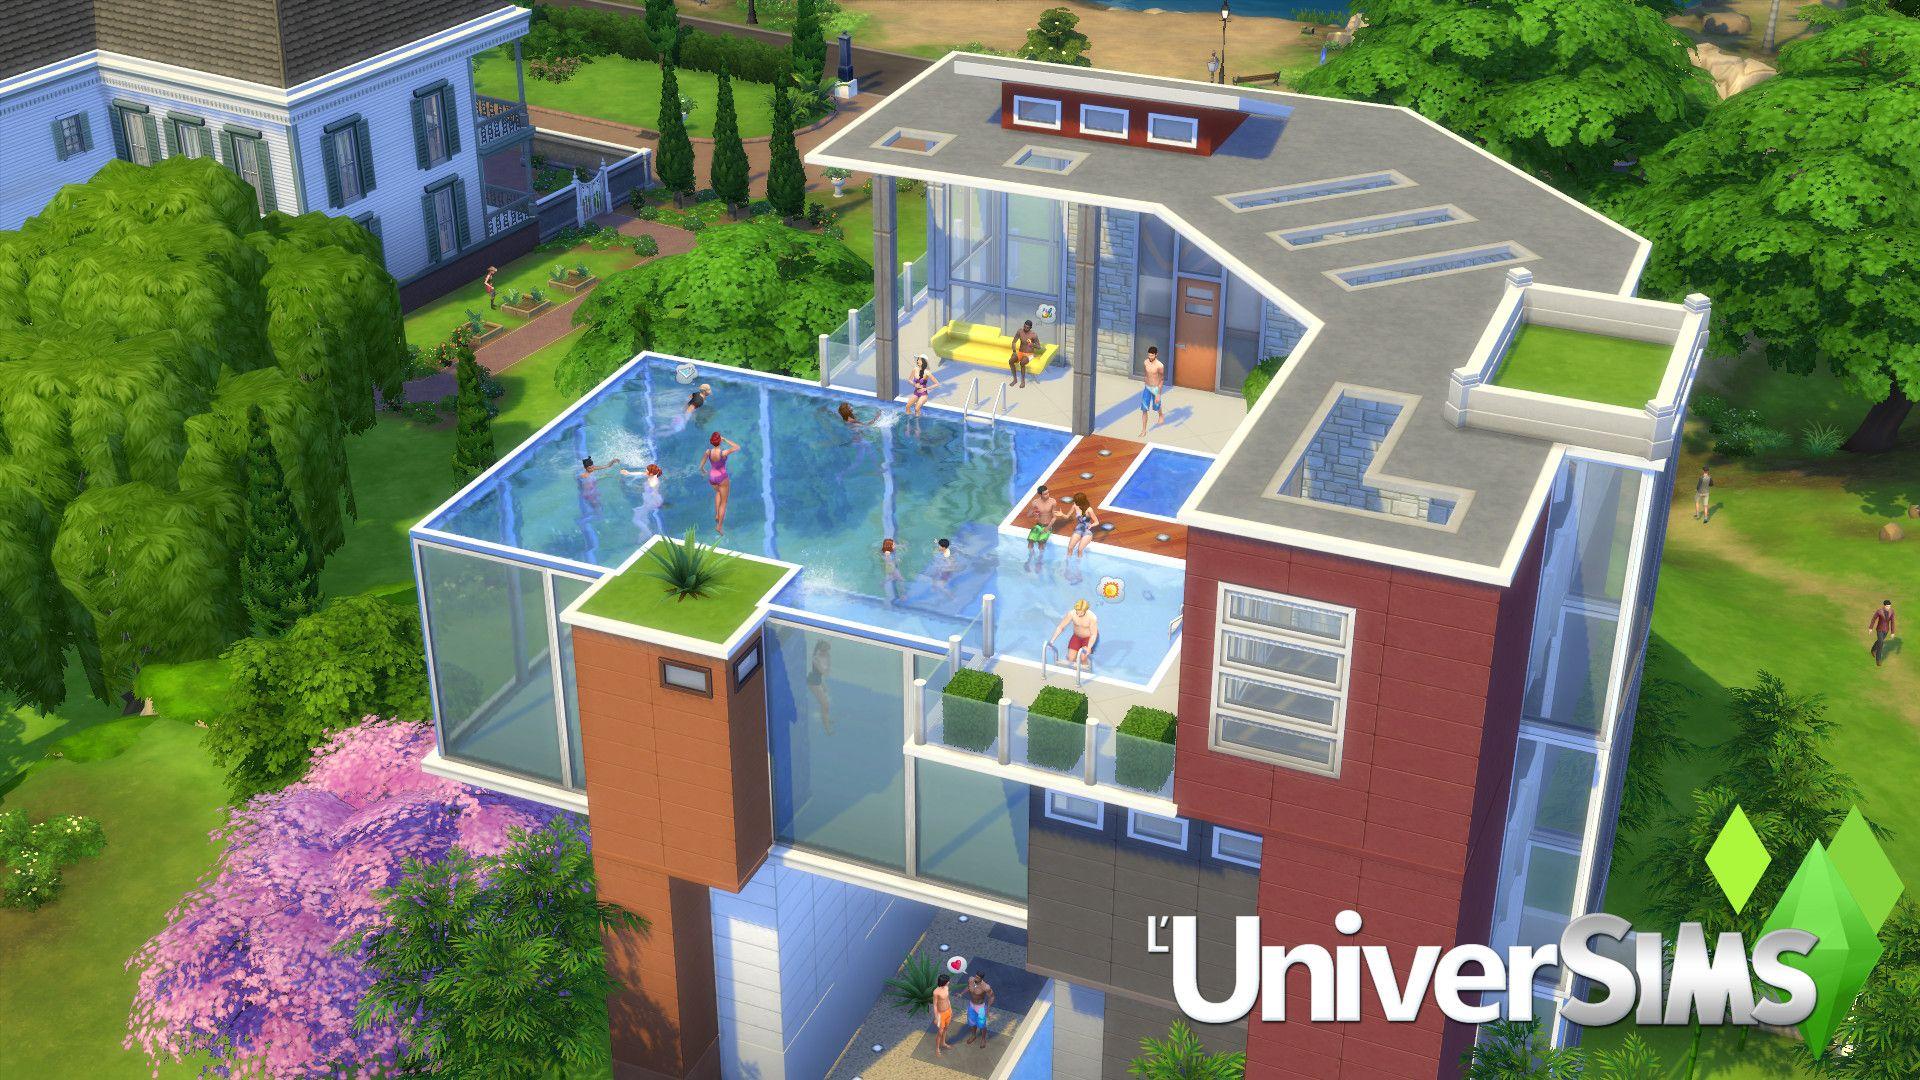 Les piscines arrivent dans les sims 4 les sims 4 news for Les piscines